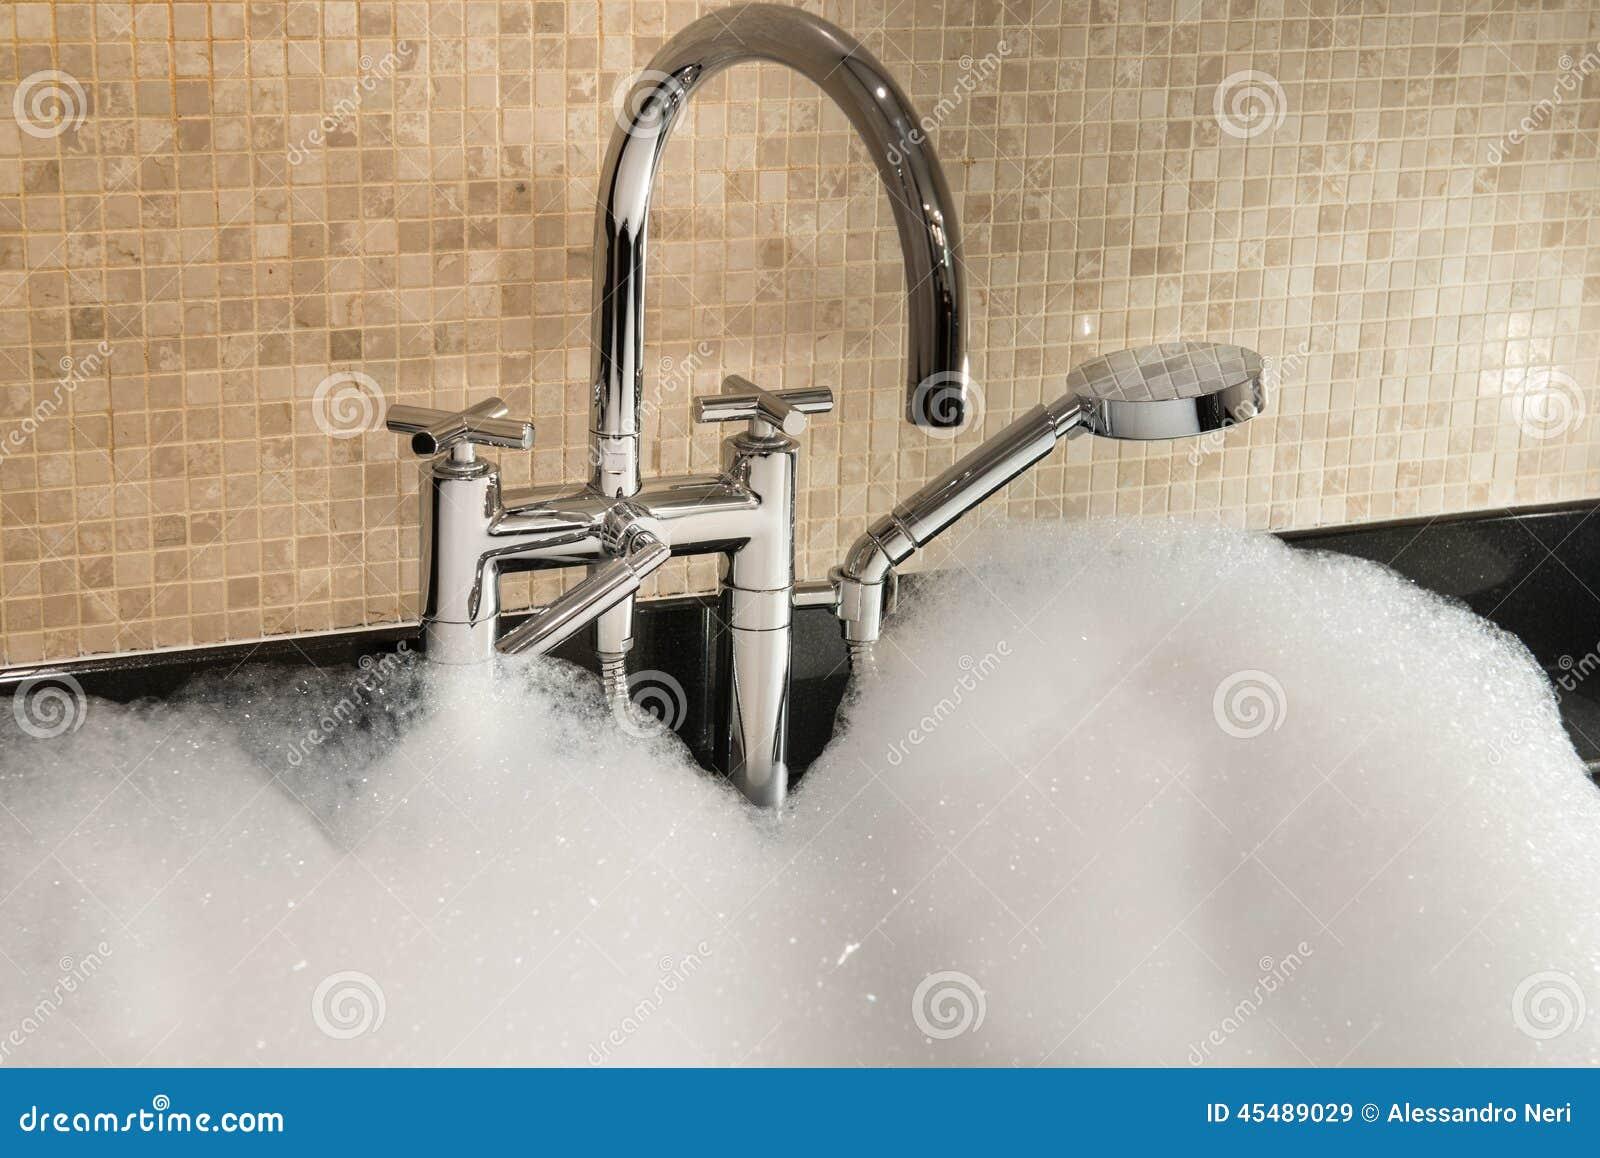 badewanne voll des schaum- und chromhahns stockfoto - bild: 45489029, Hause ideen